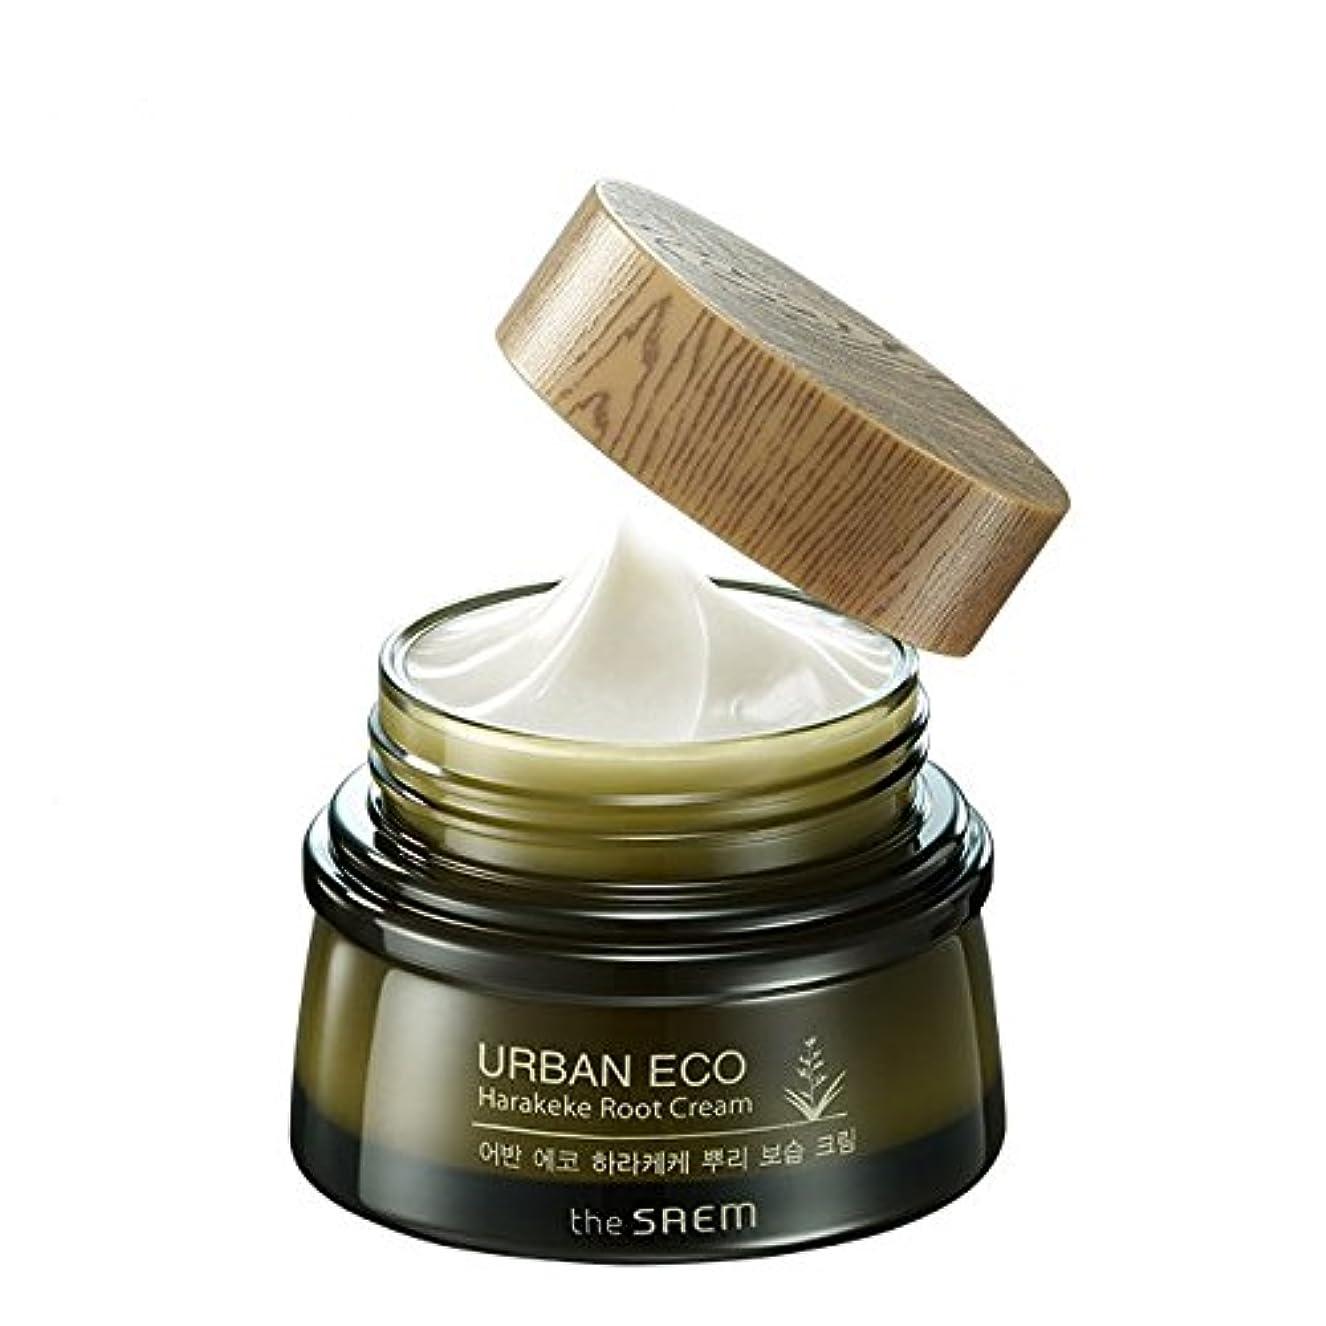 平らにするテロリスト第[ザセム] The Saem [アーバンエコ ハラケケ 根保湿クリーム60ml (The Saem Urban Eco Harakeke Root Cream60ml)